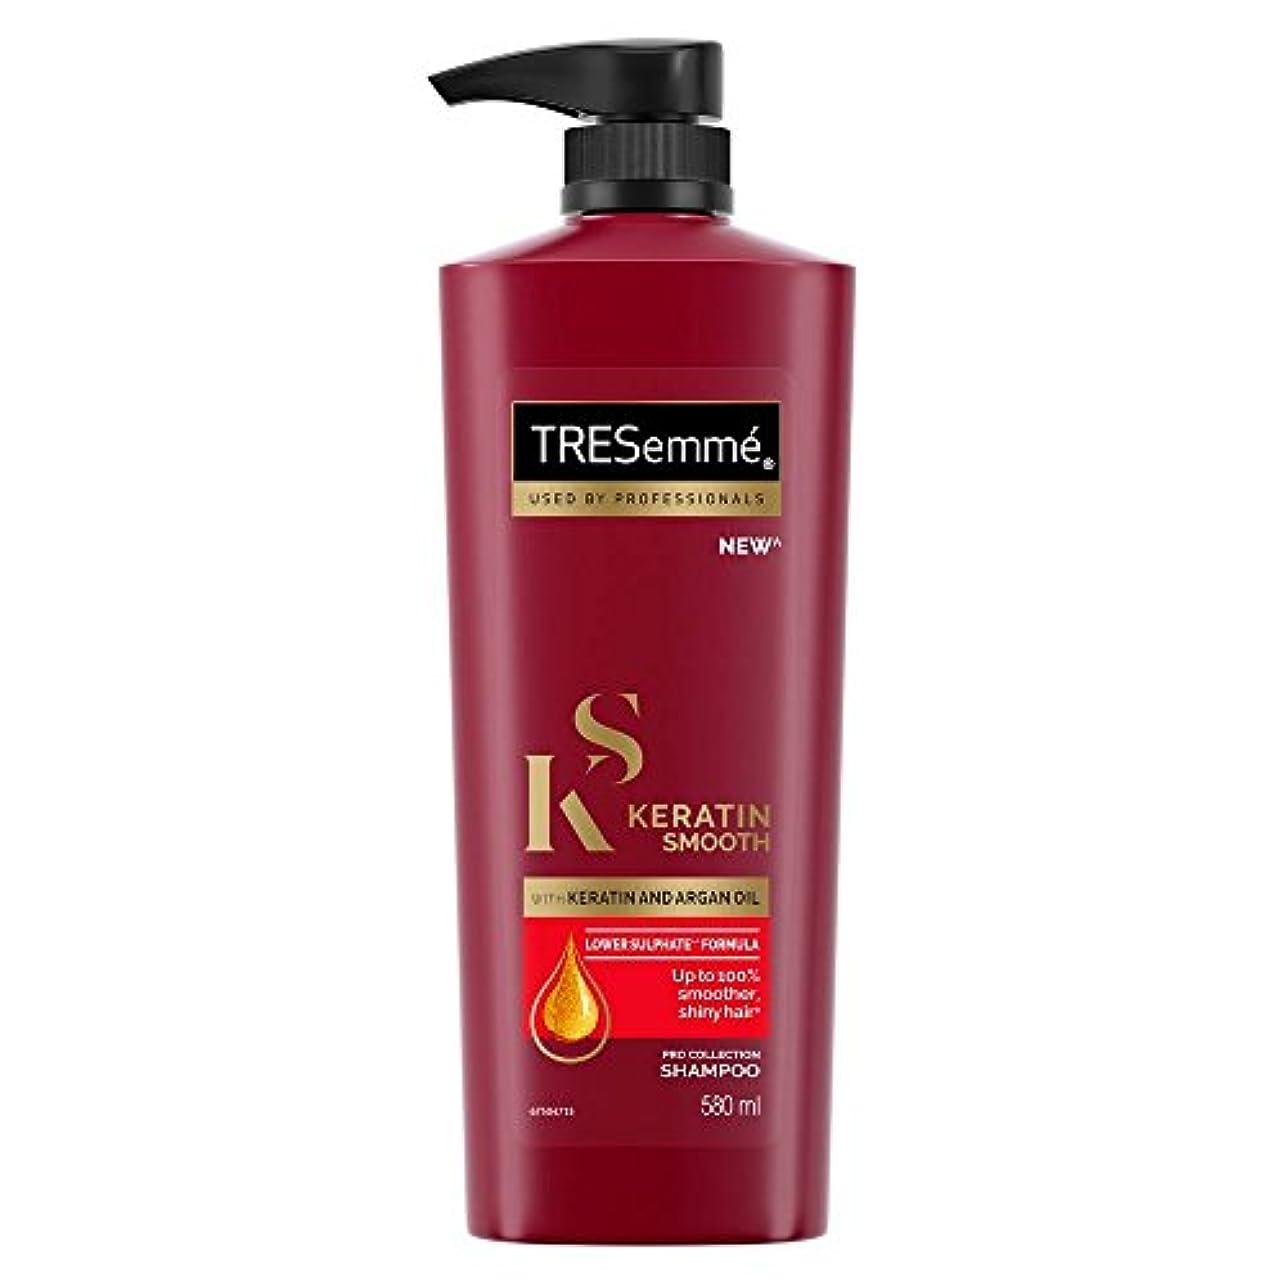 インストール歯科の楽なTRESemme Keratin Smooth Shampoo, 580ml (TRESemmeケラチンスムースシャンプー、580ml)